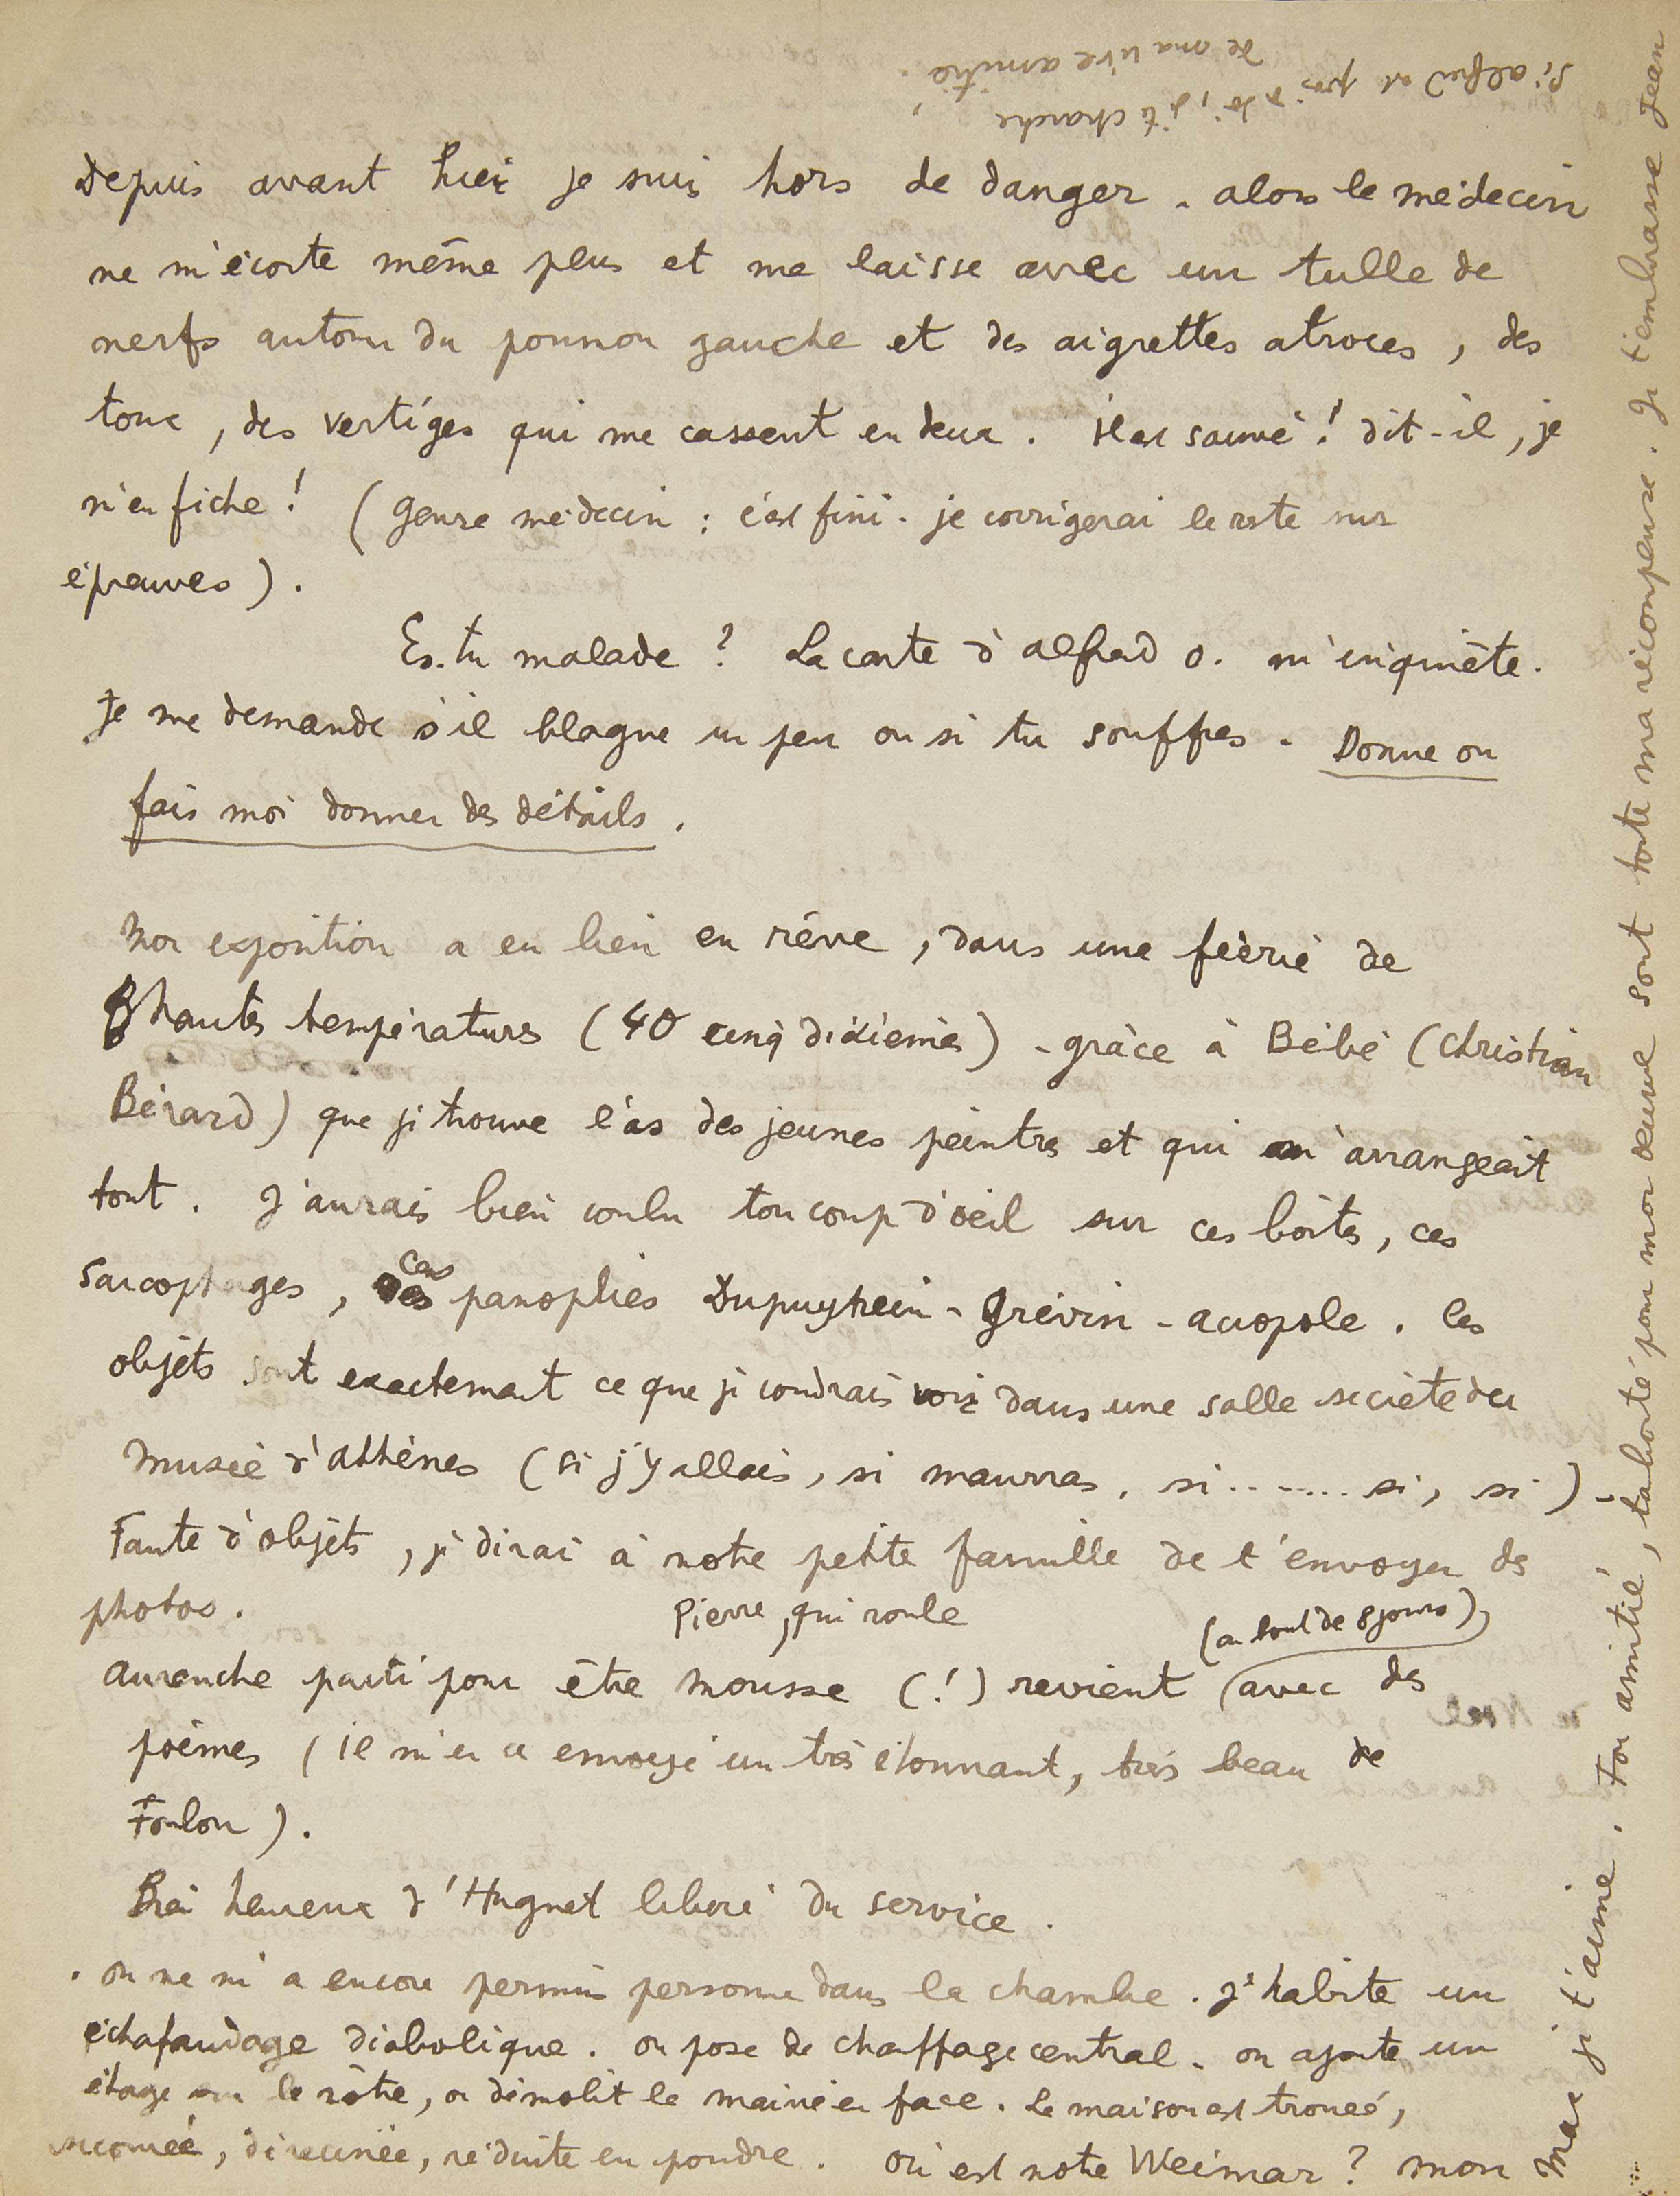 """COCTEAU, Jean (1889-1963). Lettre autographe signée """"Jean"""". 2 pages in-4 sur un feuillet recto-verso (270 x 210 mm), adressée à Max [Jacob], sans date [entre le 9 et 15 mars 1925]. (Traces de pliures.)"""